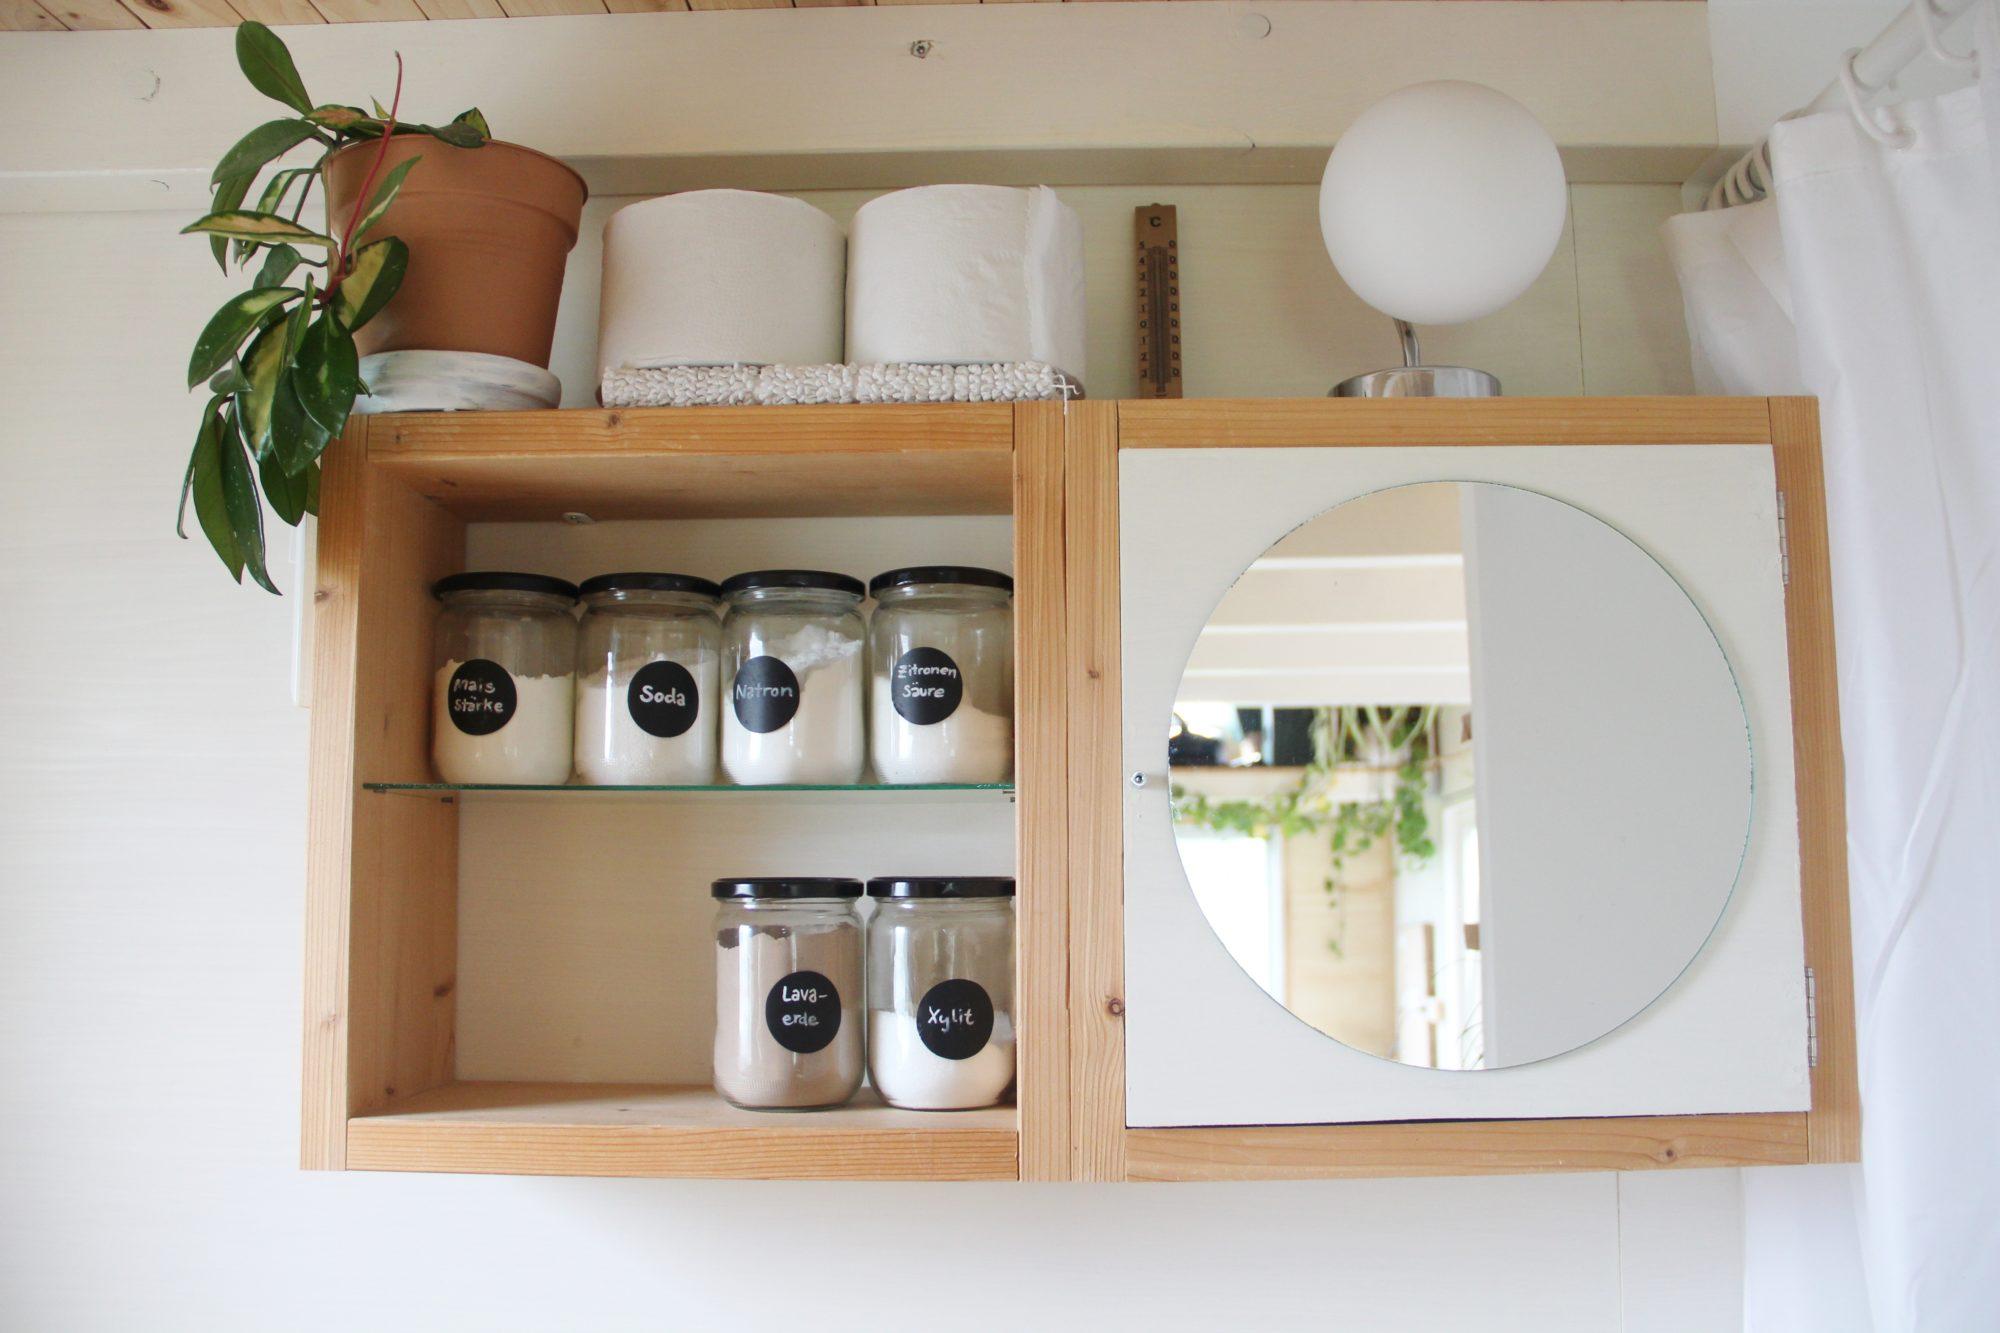 Spiegelschrank selber bauen: Aus alt wird neu